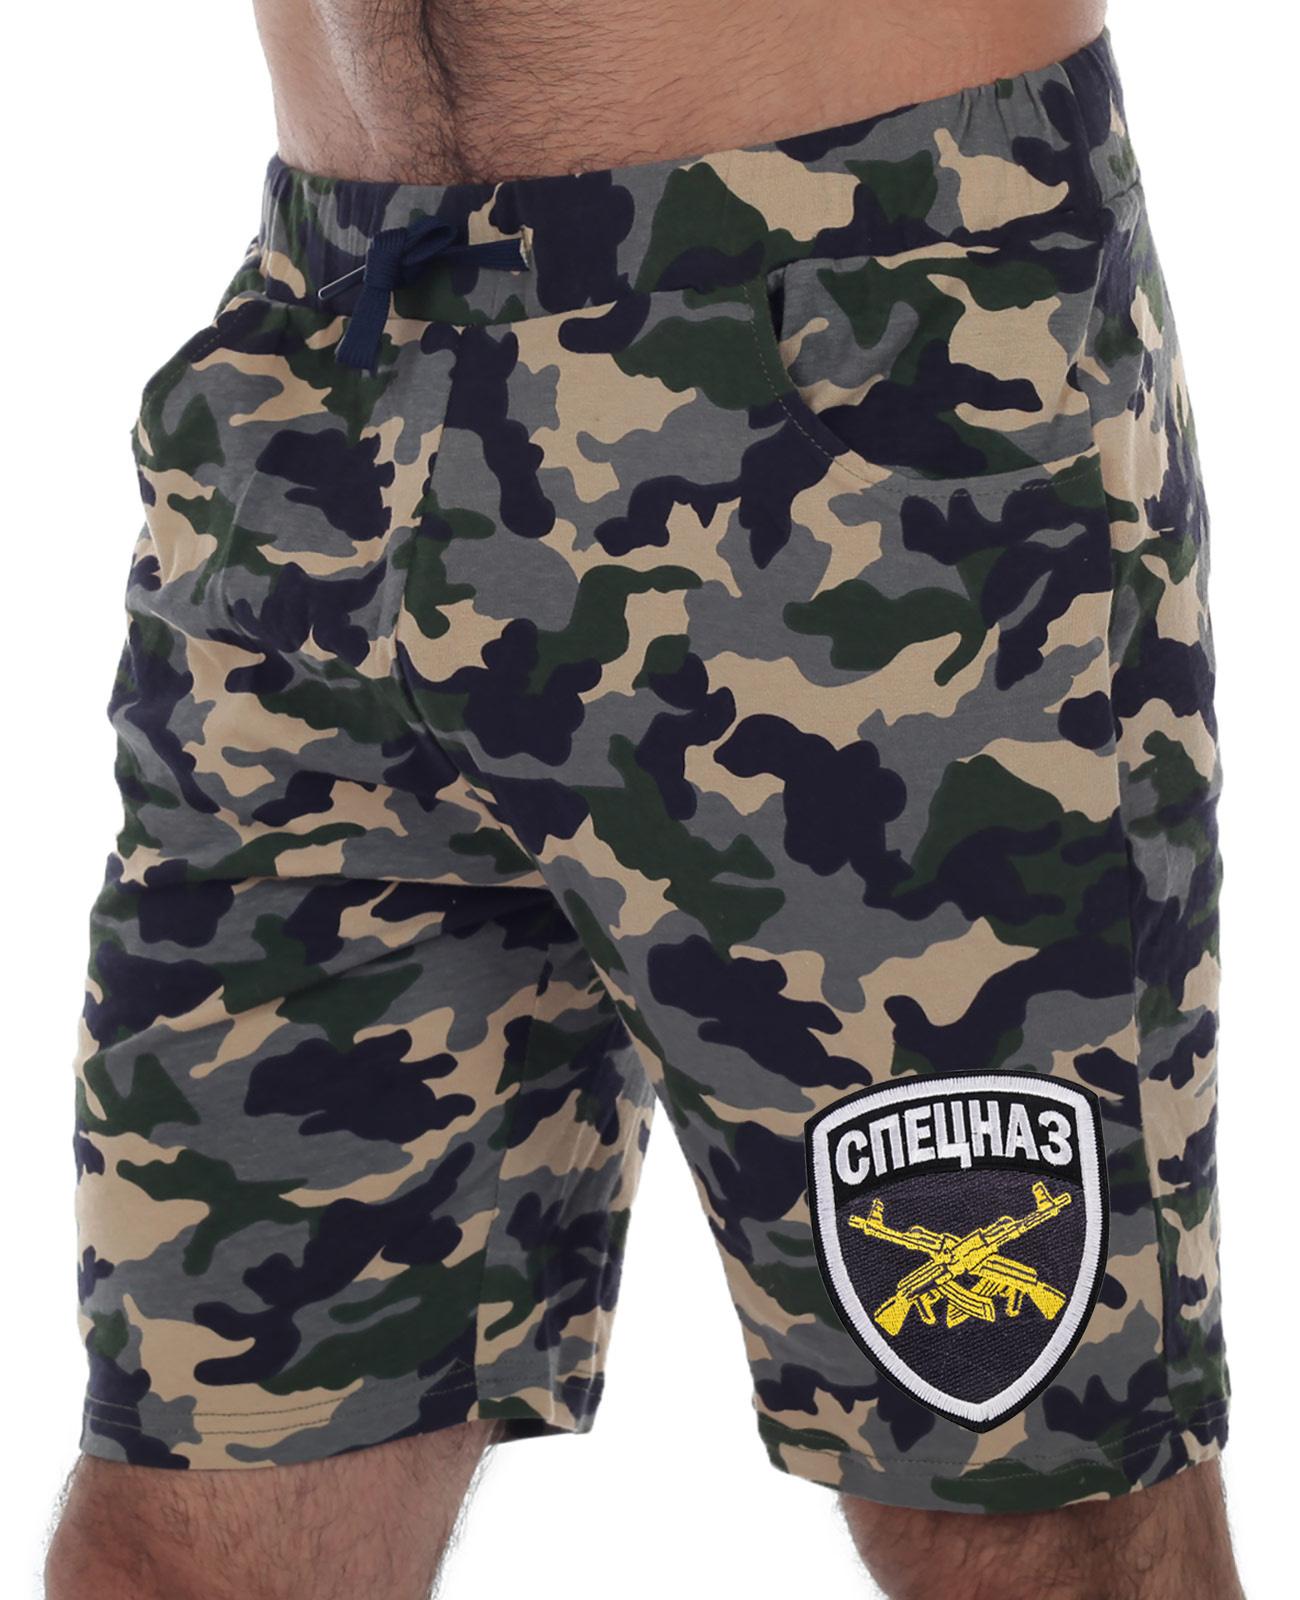 Недорогие шорты Спецназа с карманами, пояс резинка